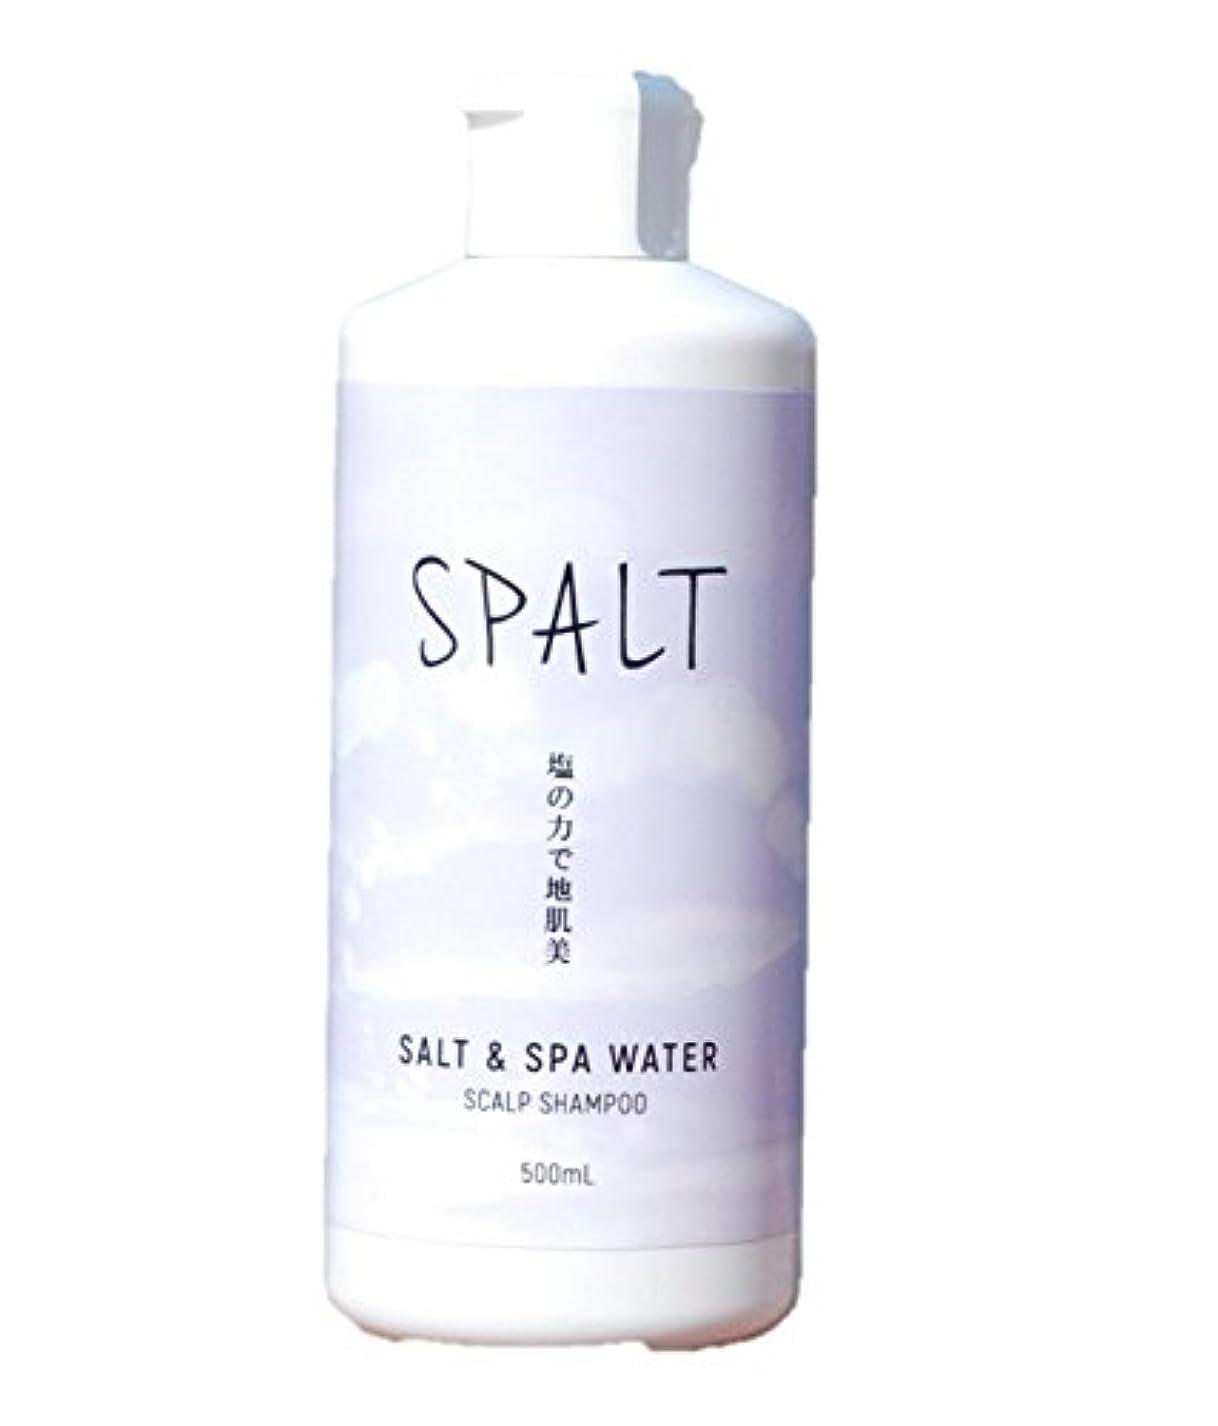 あご完璧な不合格塩シャンプー 皆生温泉水シャンプー スパルト